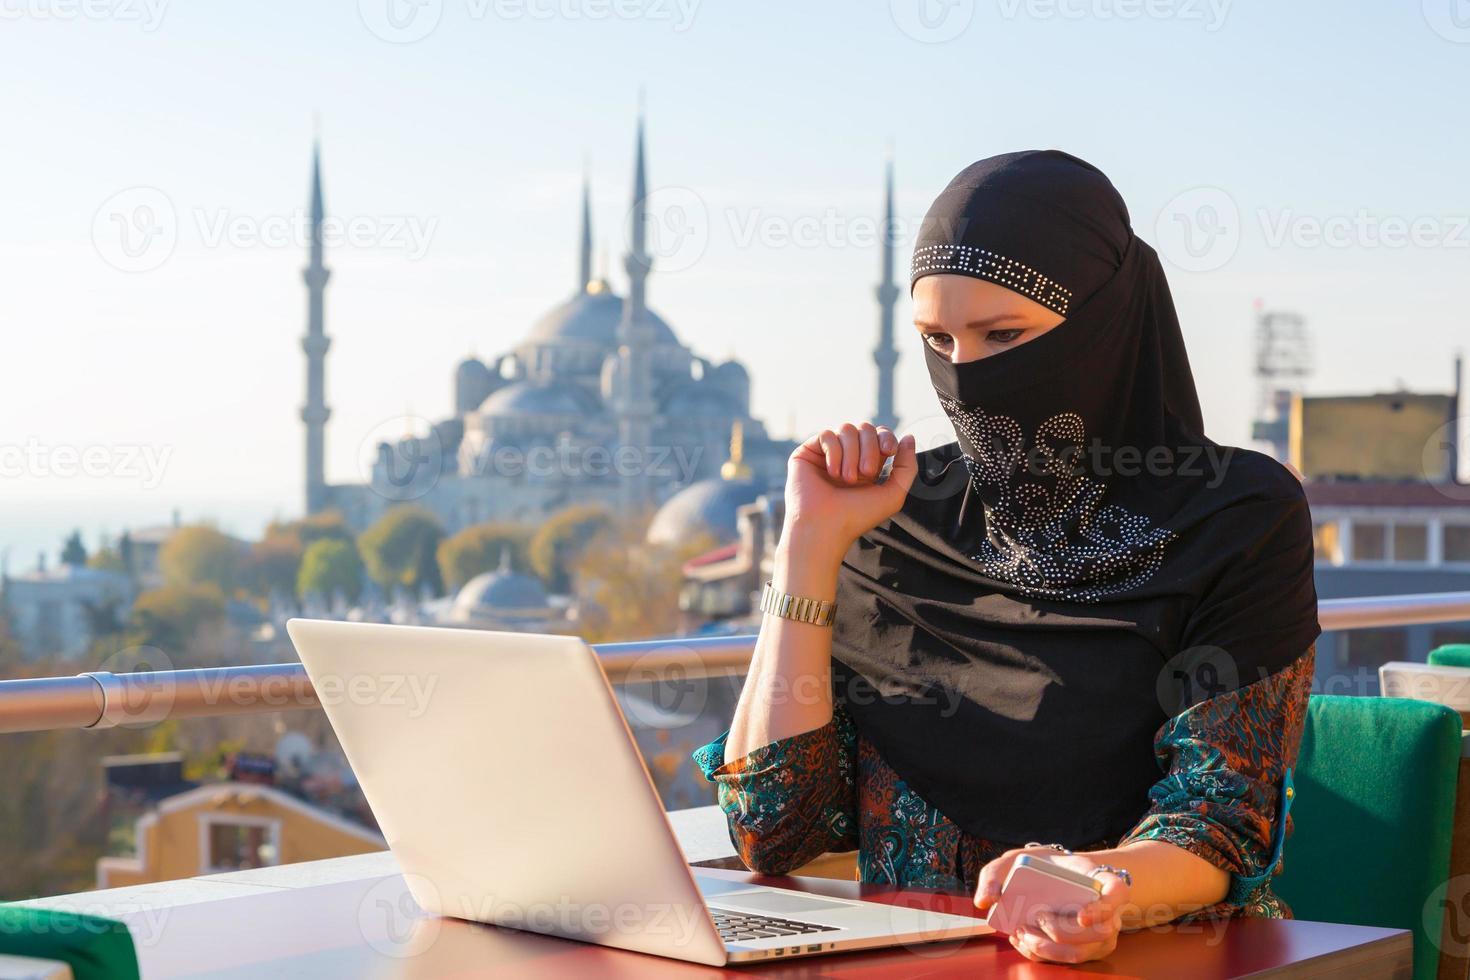 traditionellt klädd muslimsk kvinna som arbetar på datorn foto